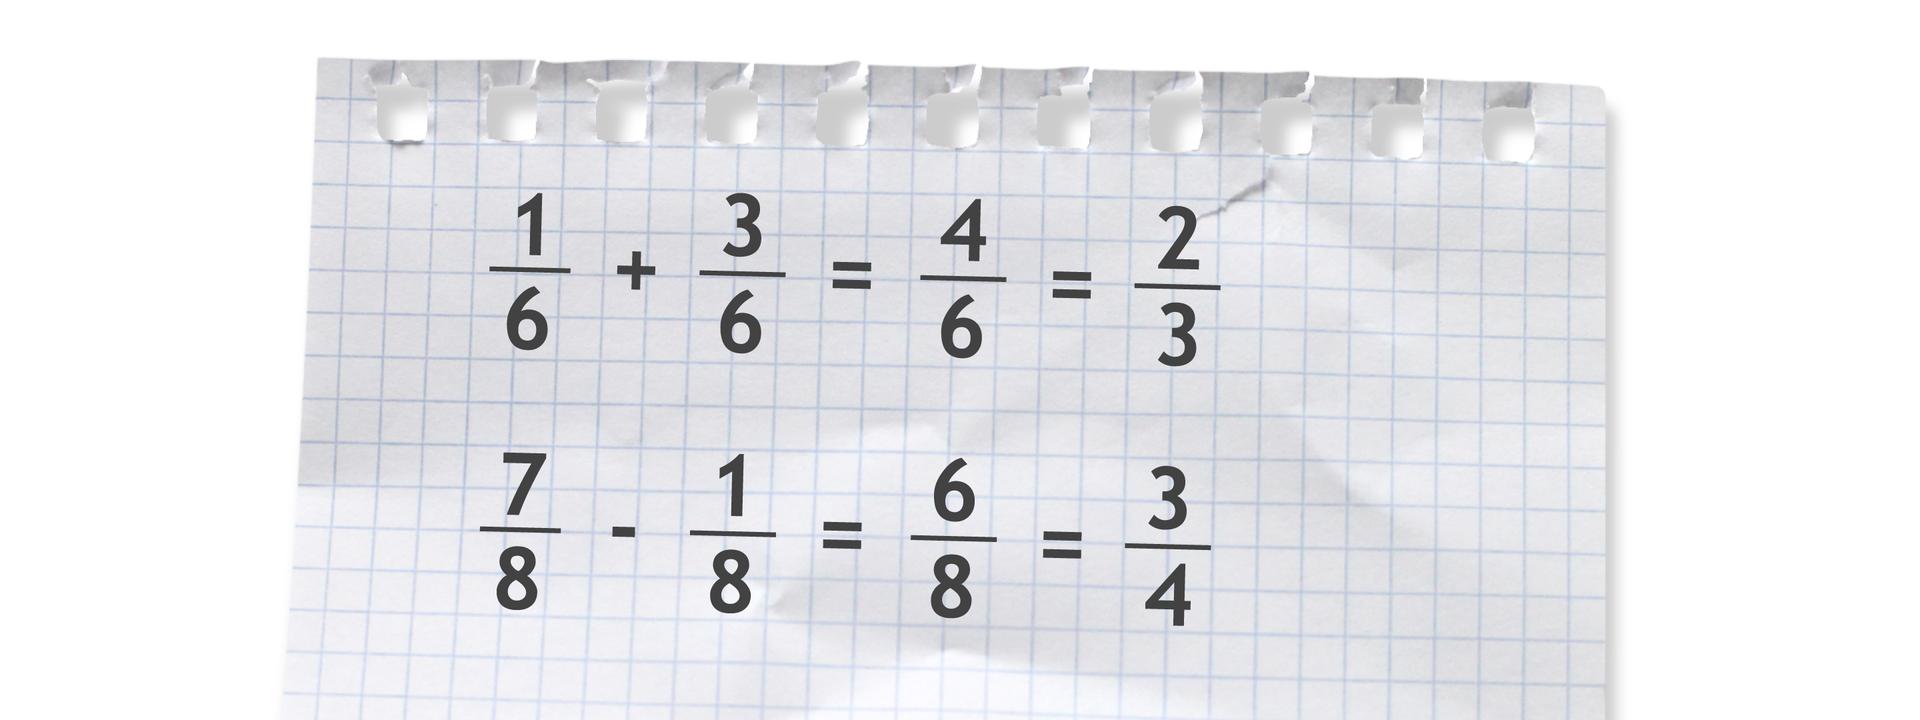 Dwa przykłady. Pierwszy: jedna szósta plus trzy szóste równa się cztery szóste równa się dwie trzecie. Drugi: siedem ósmych minus jedna ósma równa się sześć ósmych równa się trzy czwarte.